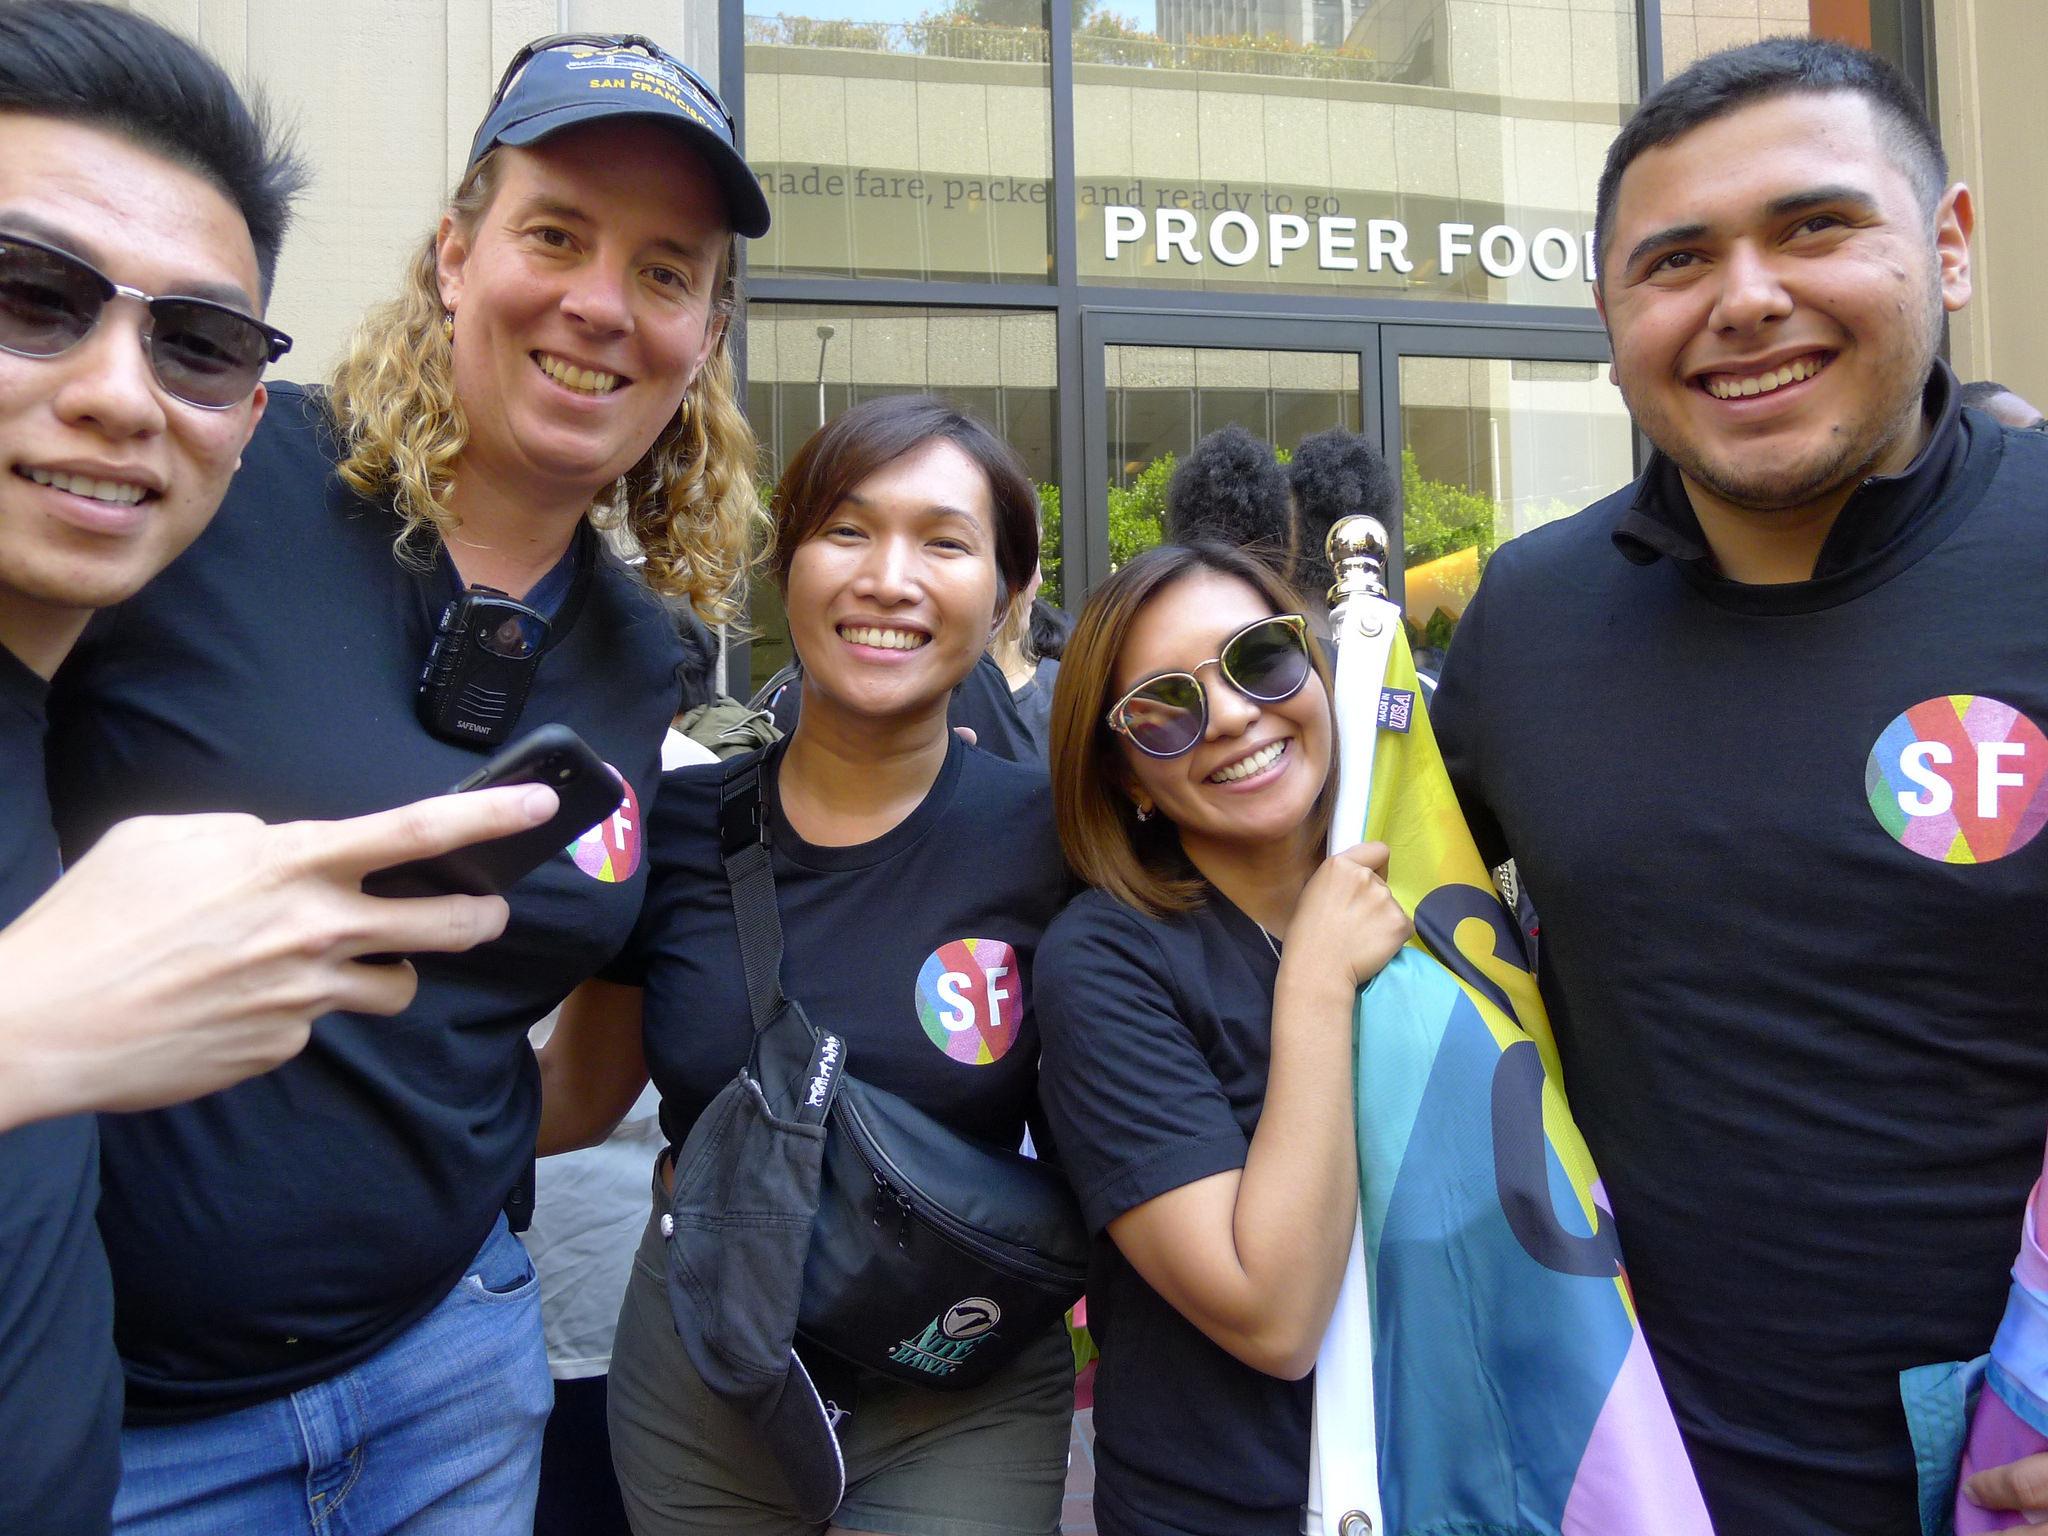 SF LGBT Center at SF Pride